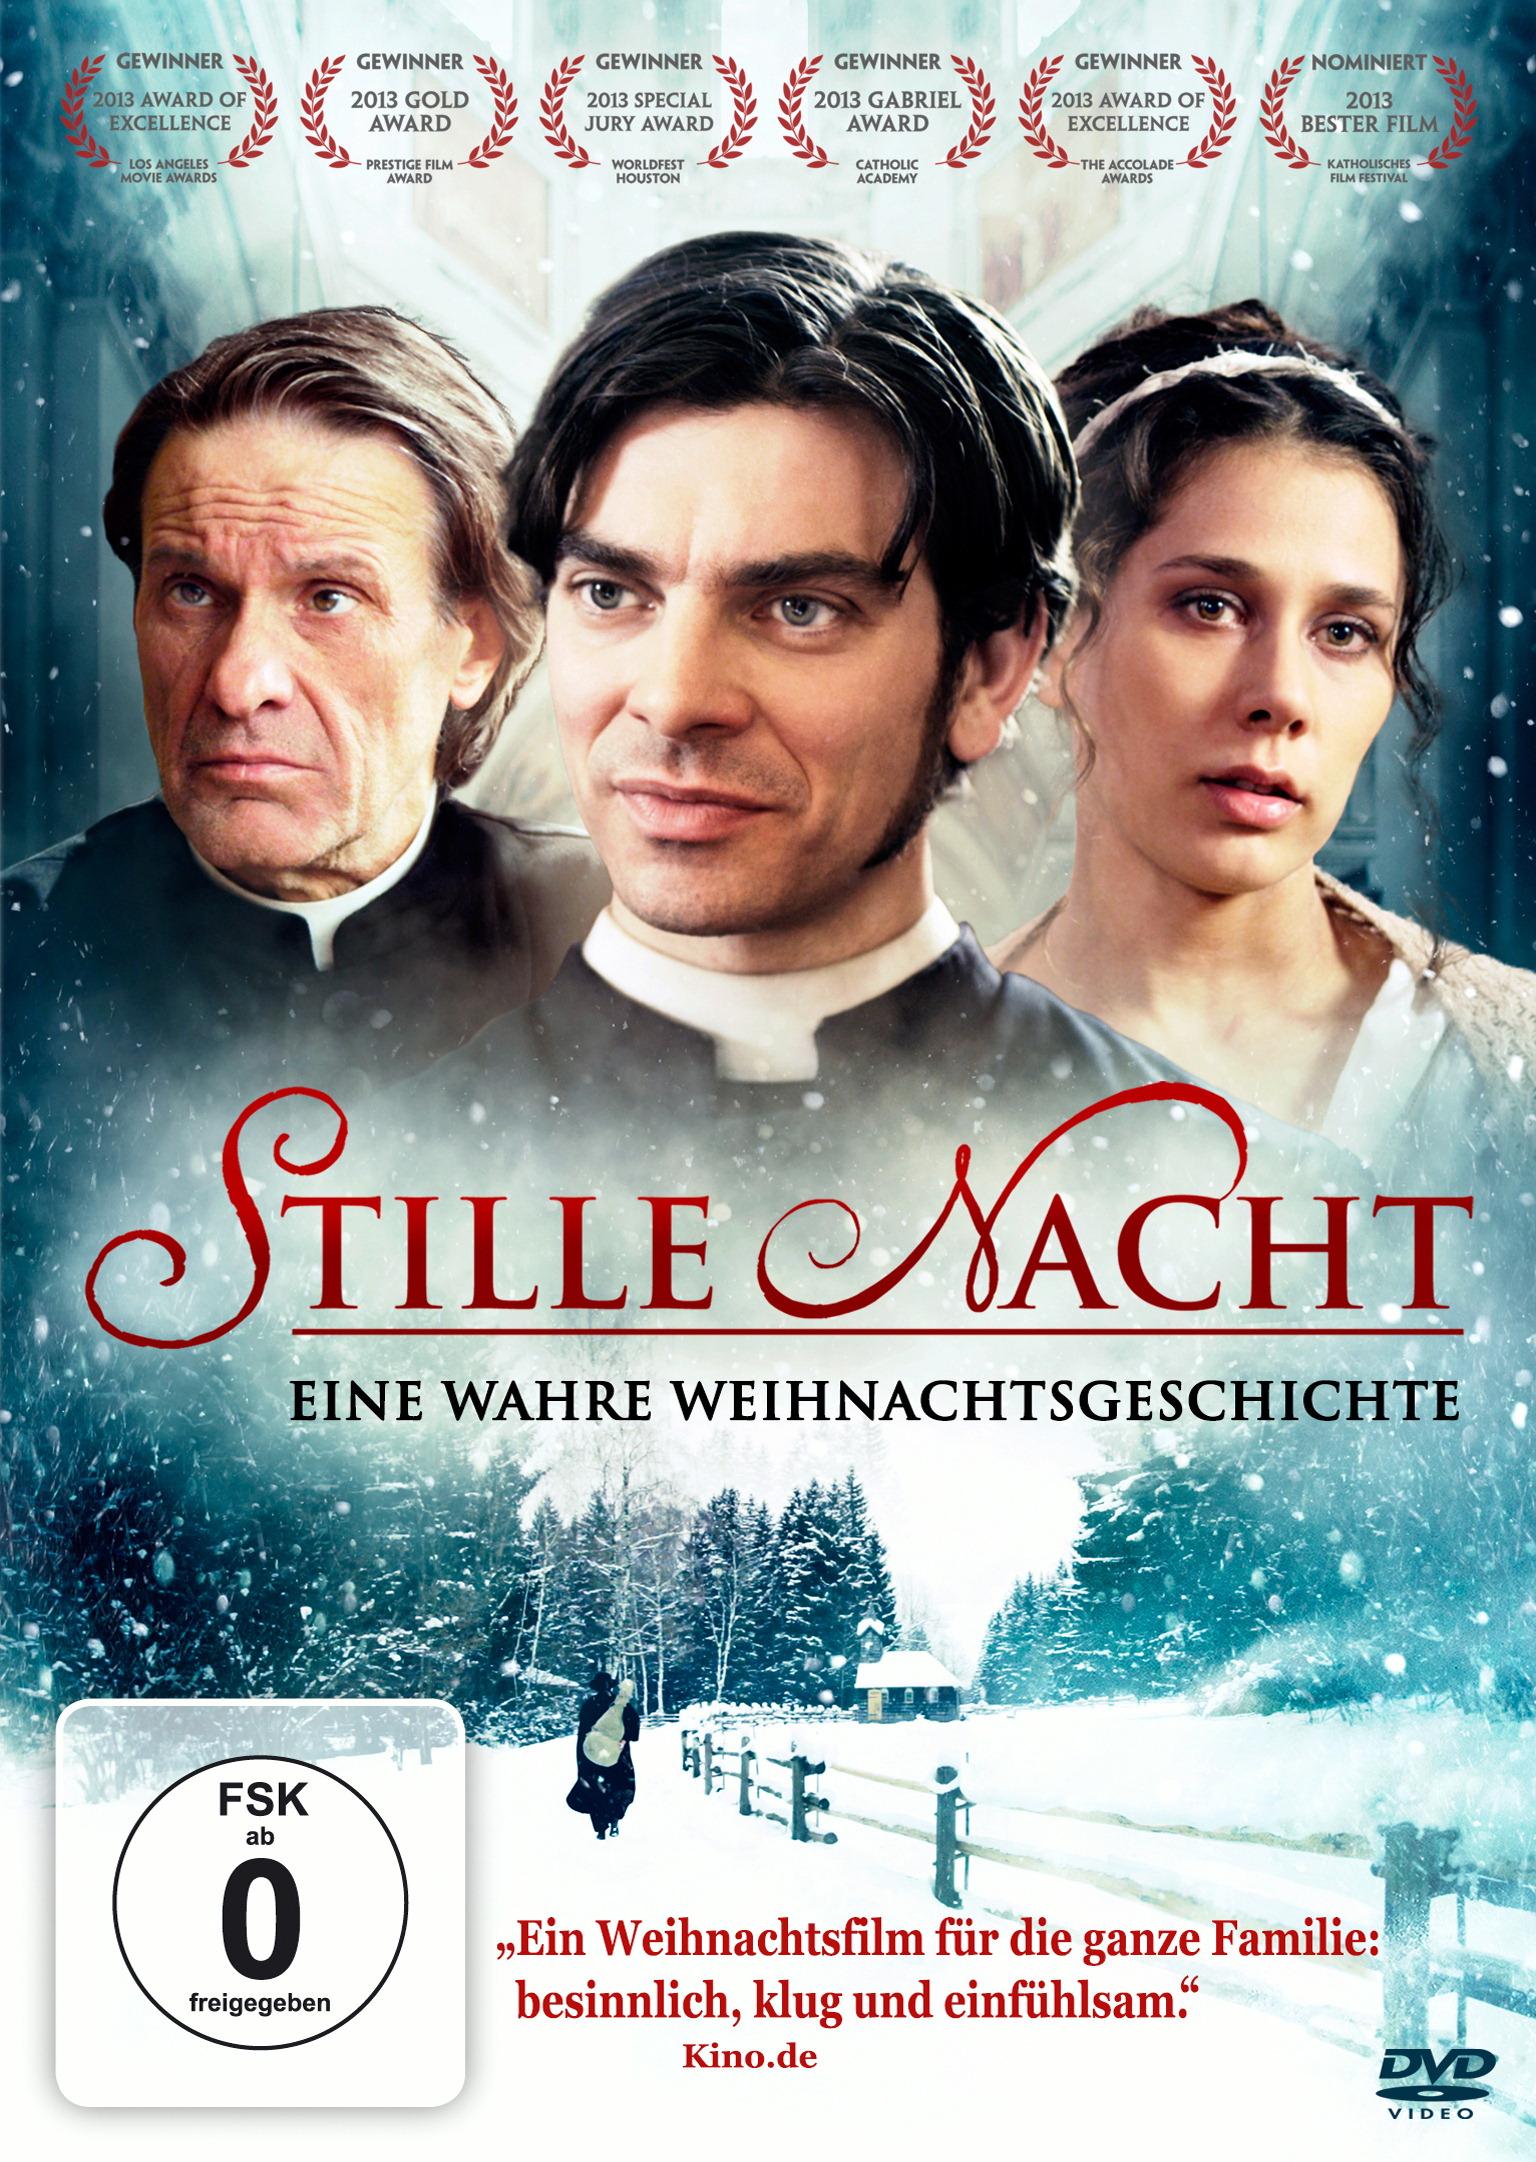 Stille Nacht - Eine wahre Weihnachtsgeschichte Poster